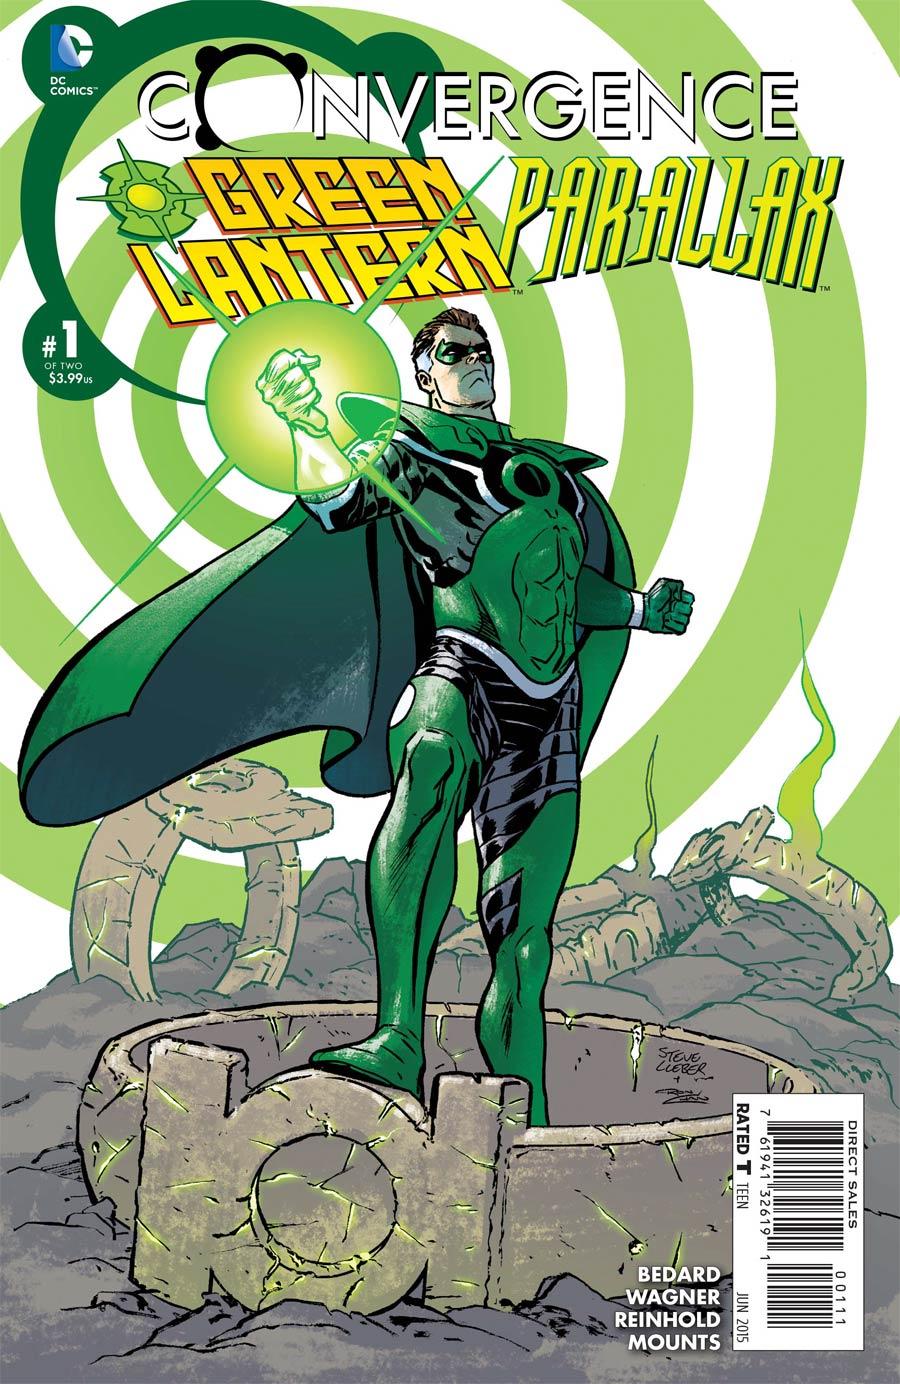 Convergence Green Lantern Parallax #1 Cover A Regular Steve Lieber Cover